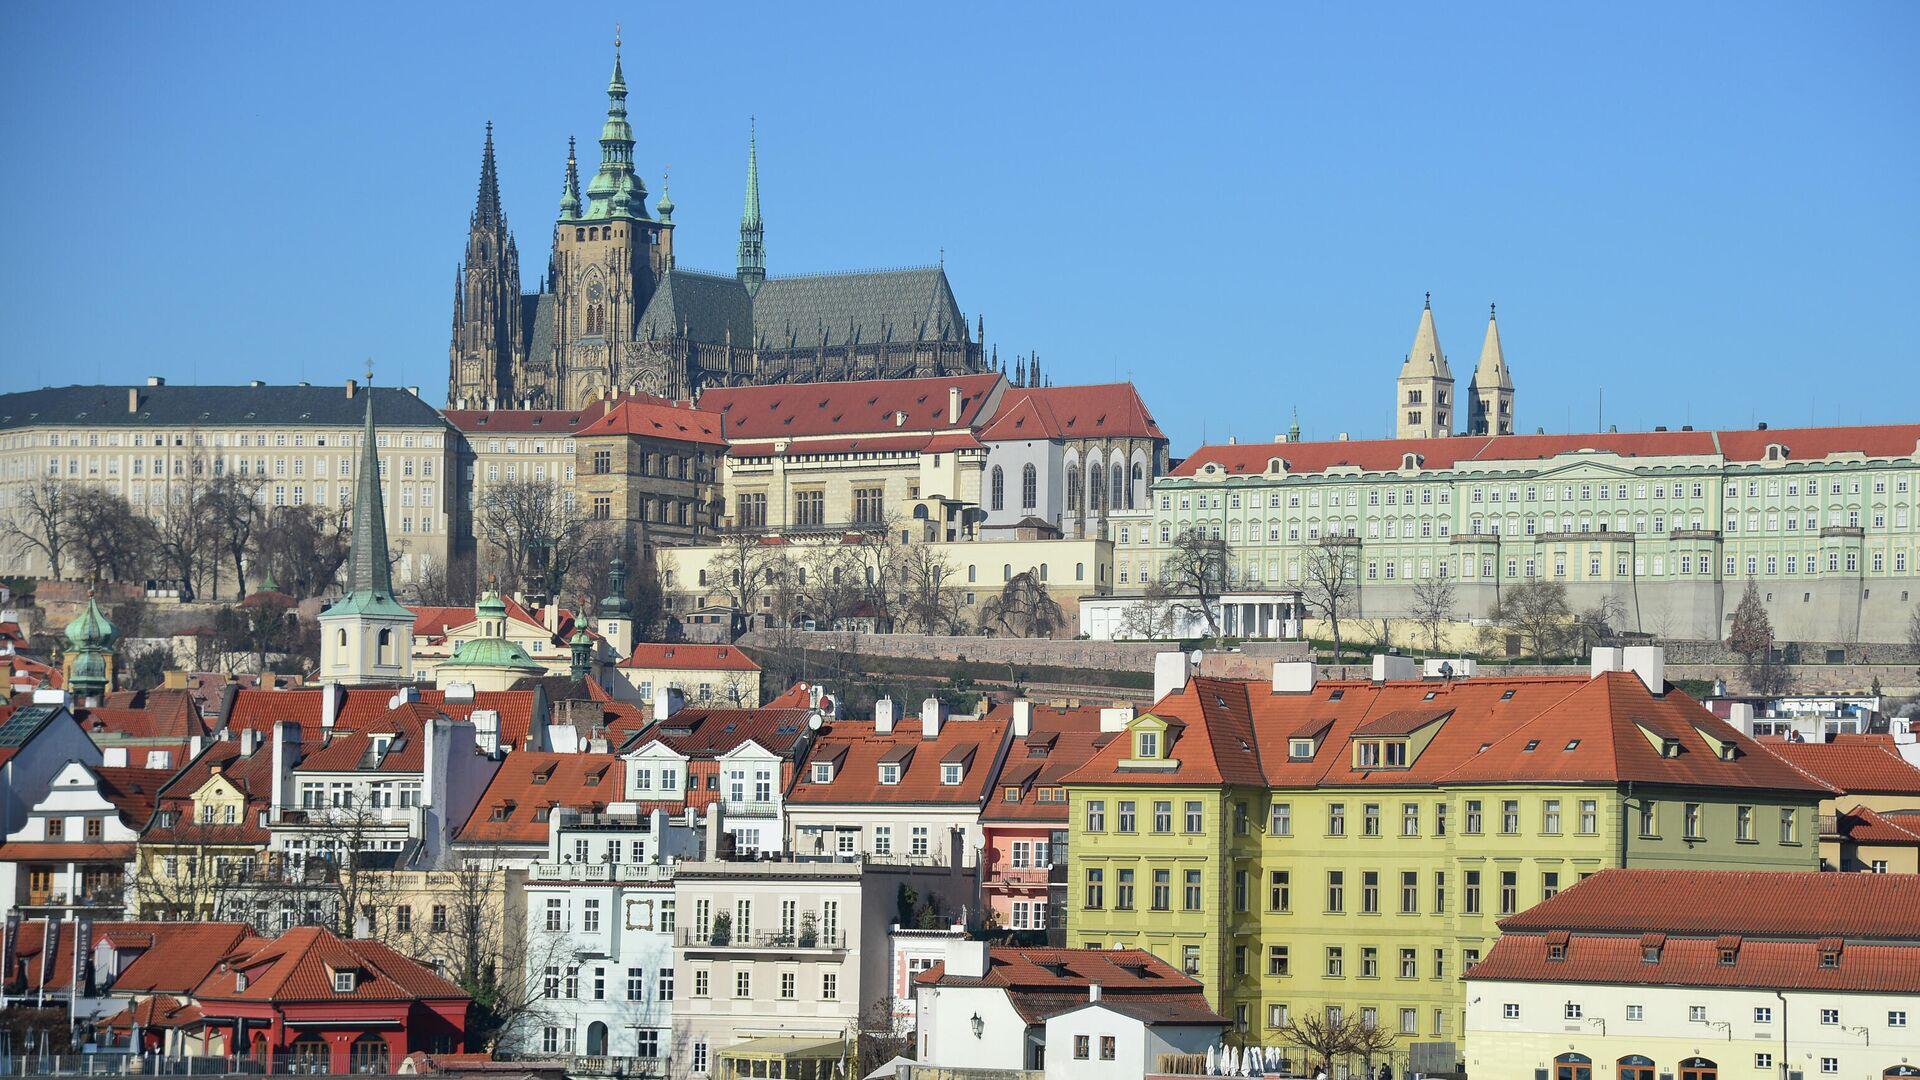 Вид на Пражский Град и собор Святого Вита от реки Влтава в Праге - РИА Новости, 1920, 01.11.2020